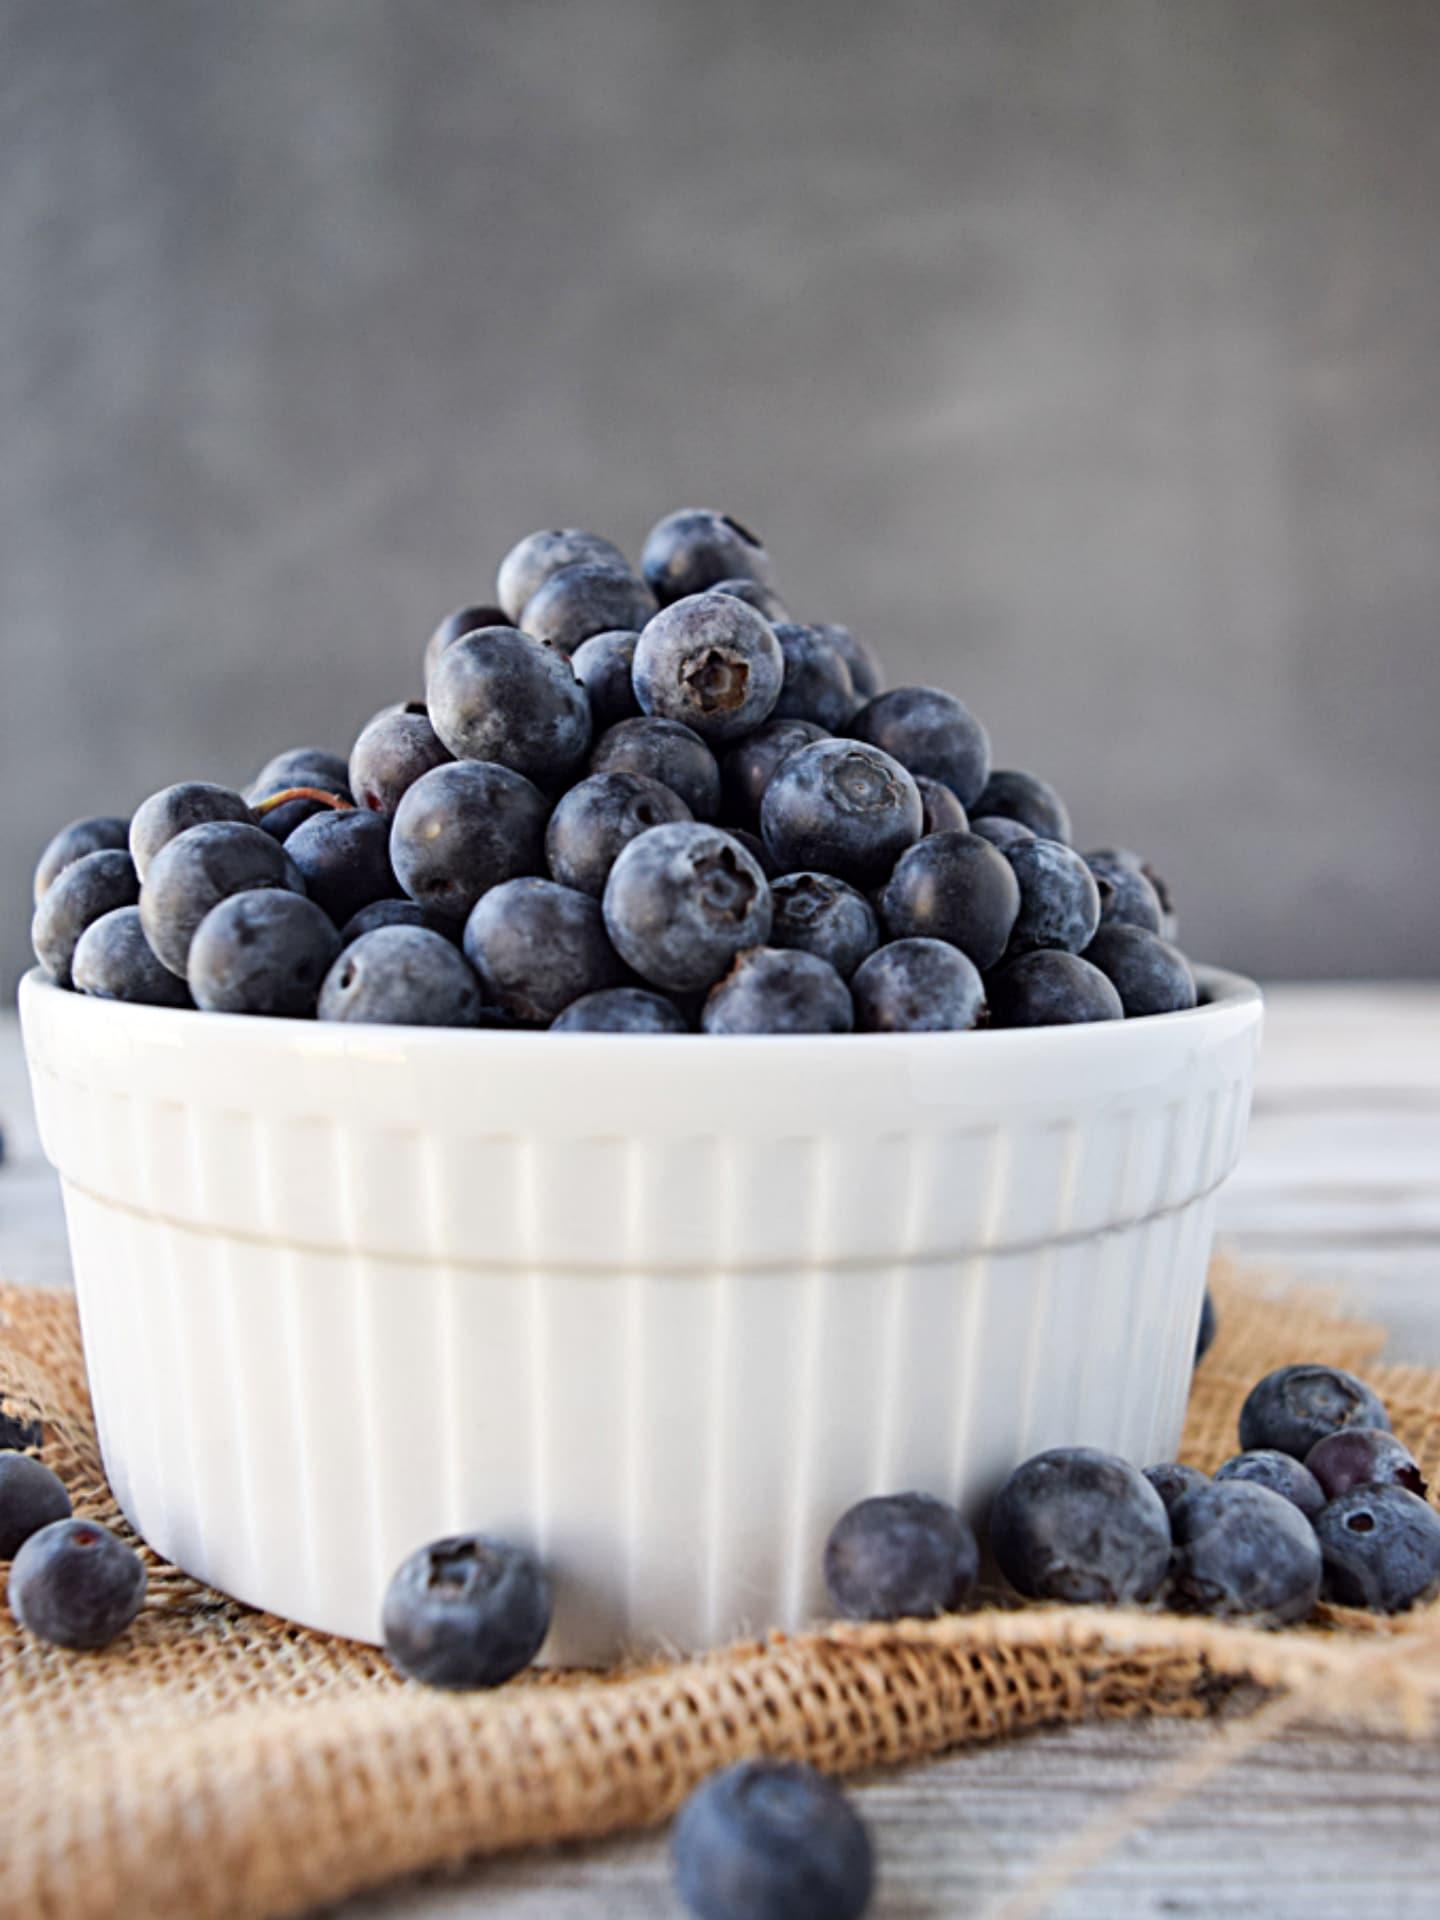 Fresh blueberries in white bowl.